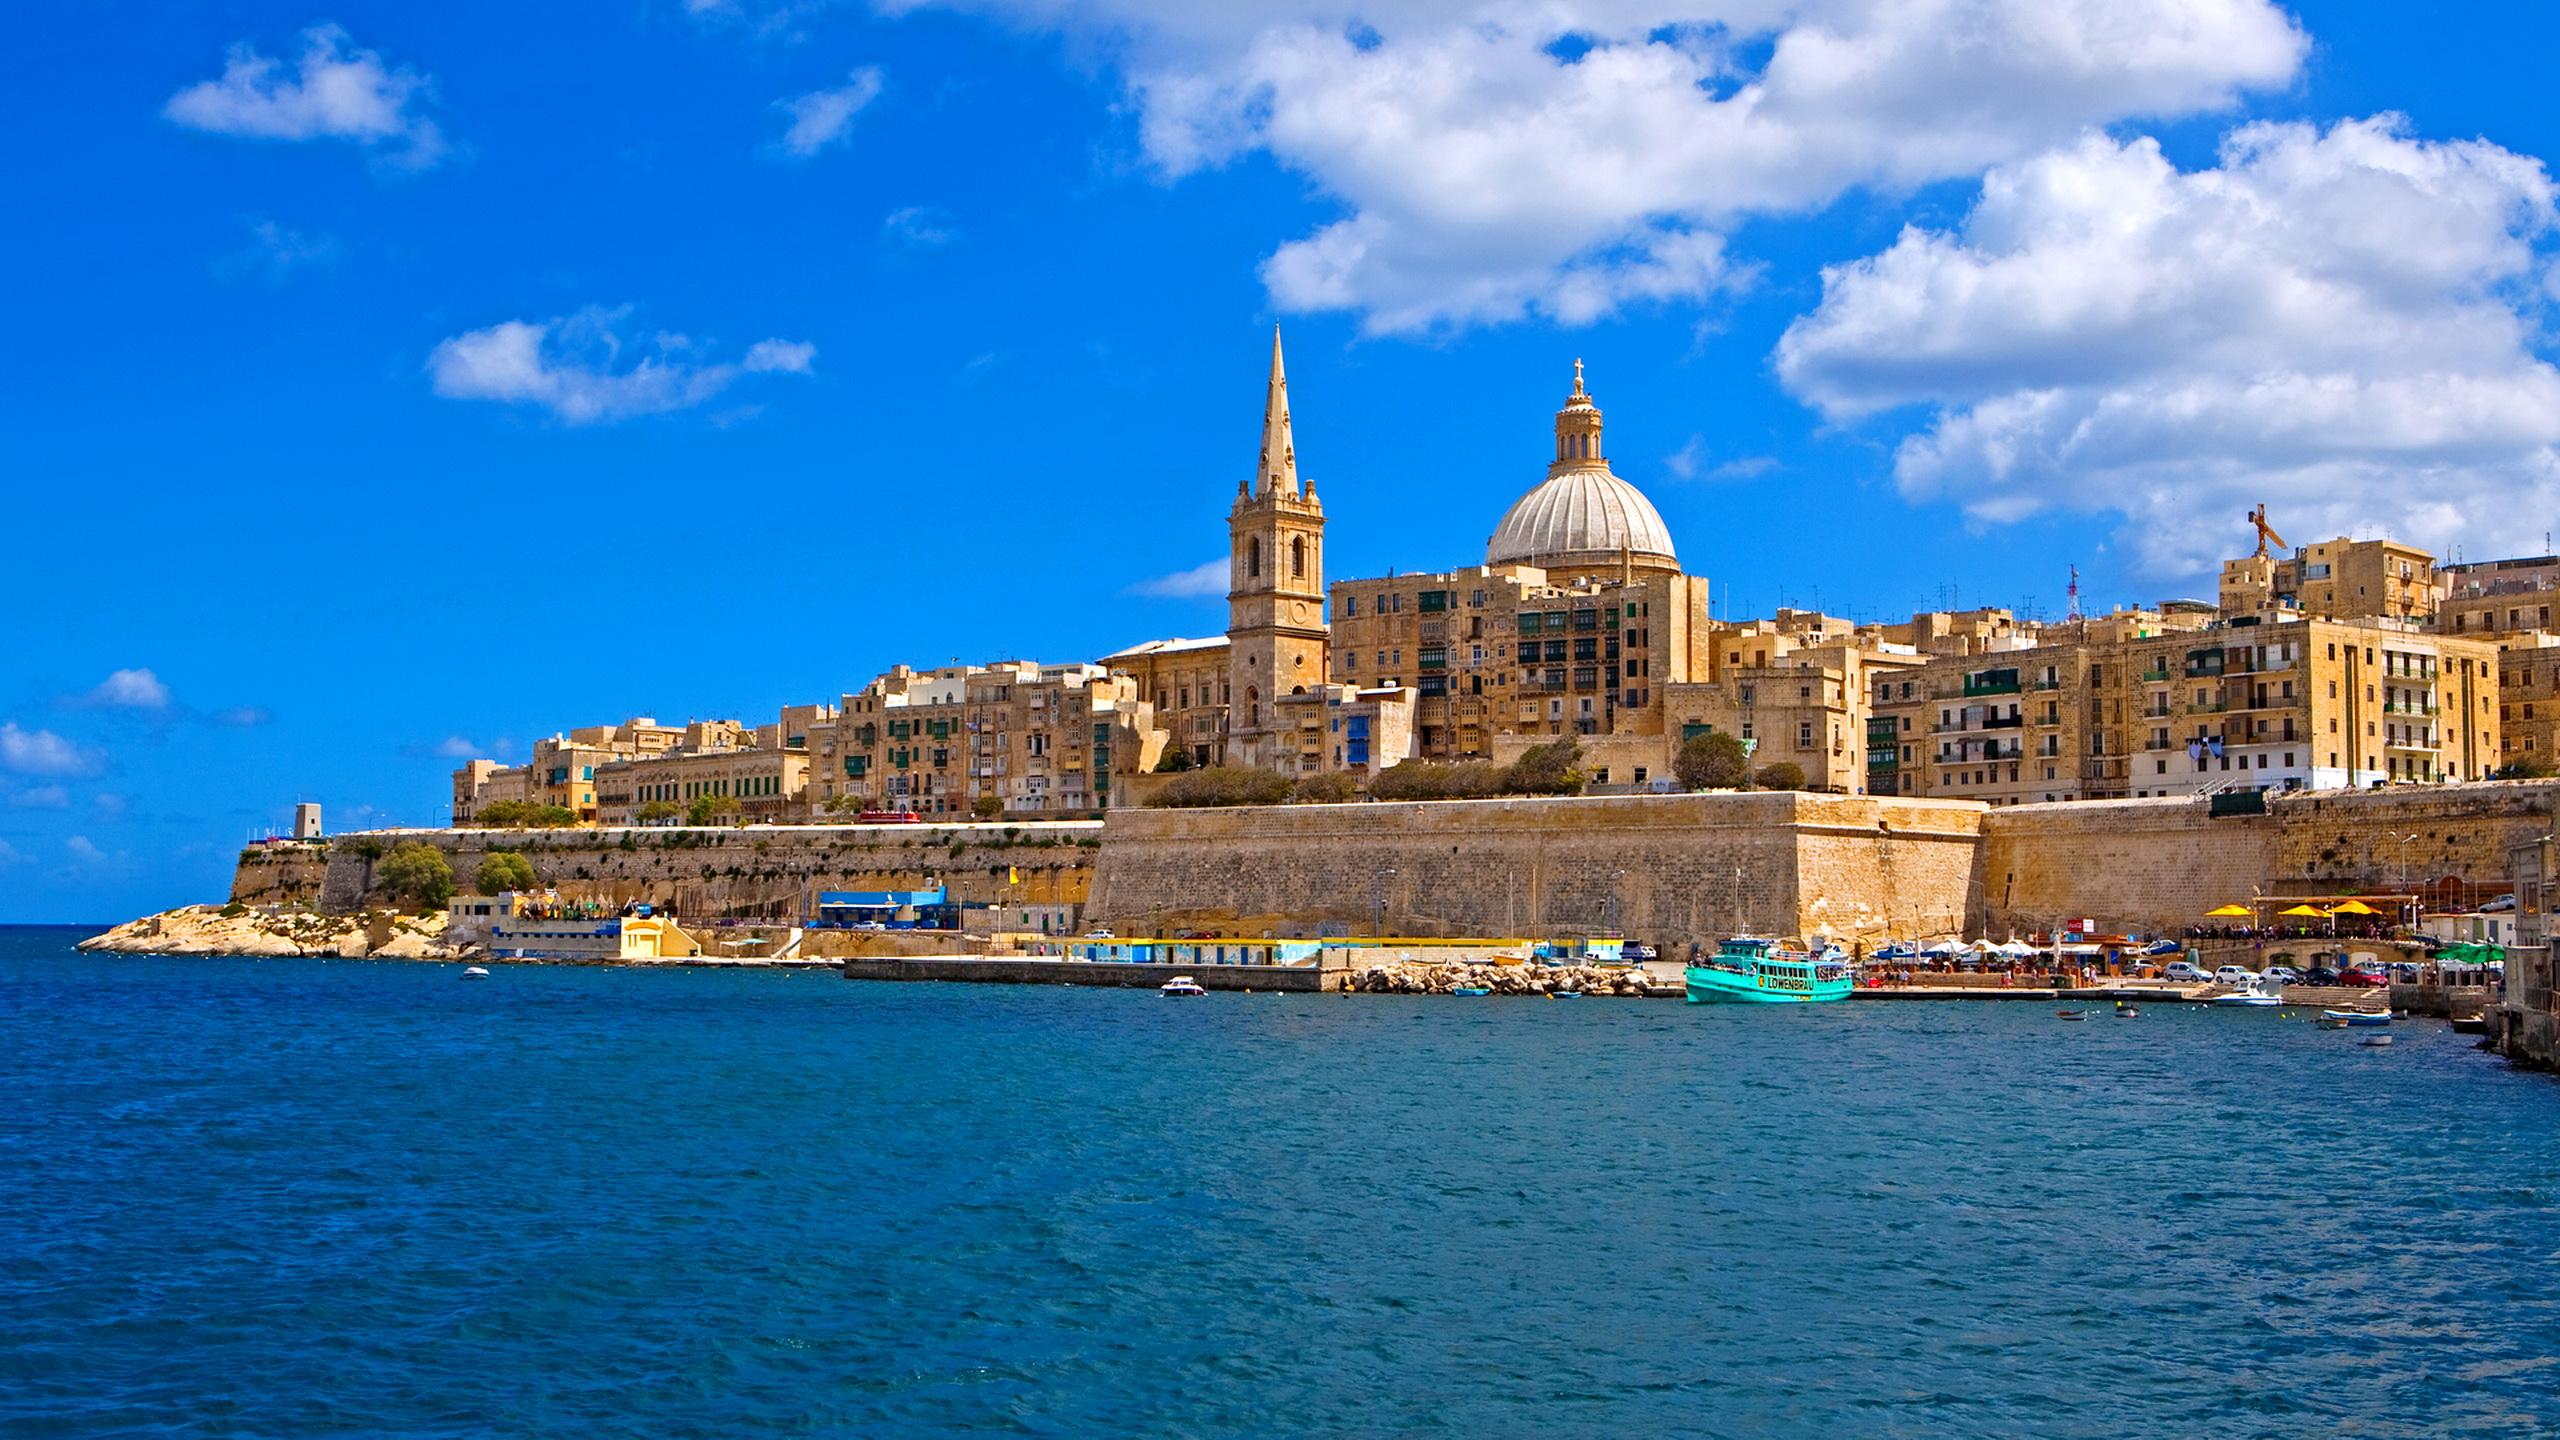 Valetta - Capital Of Malta